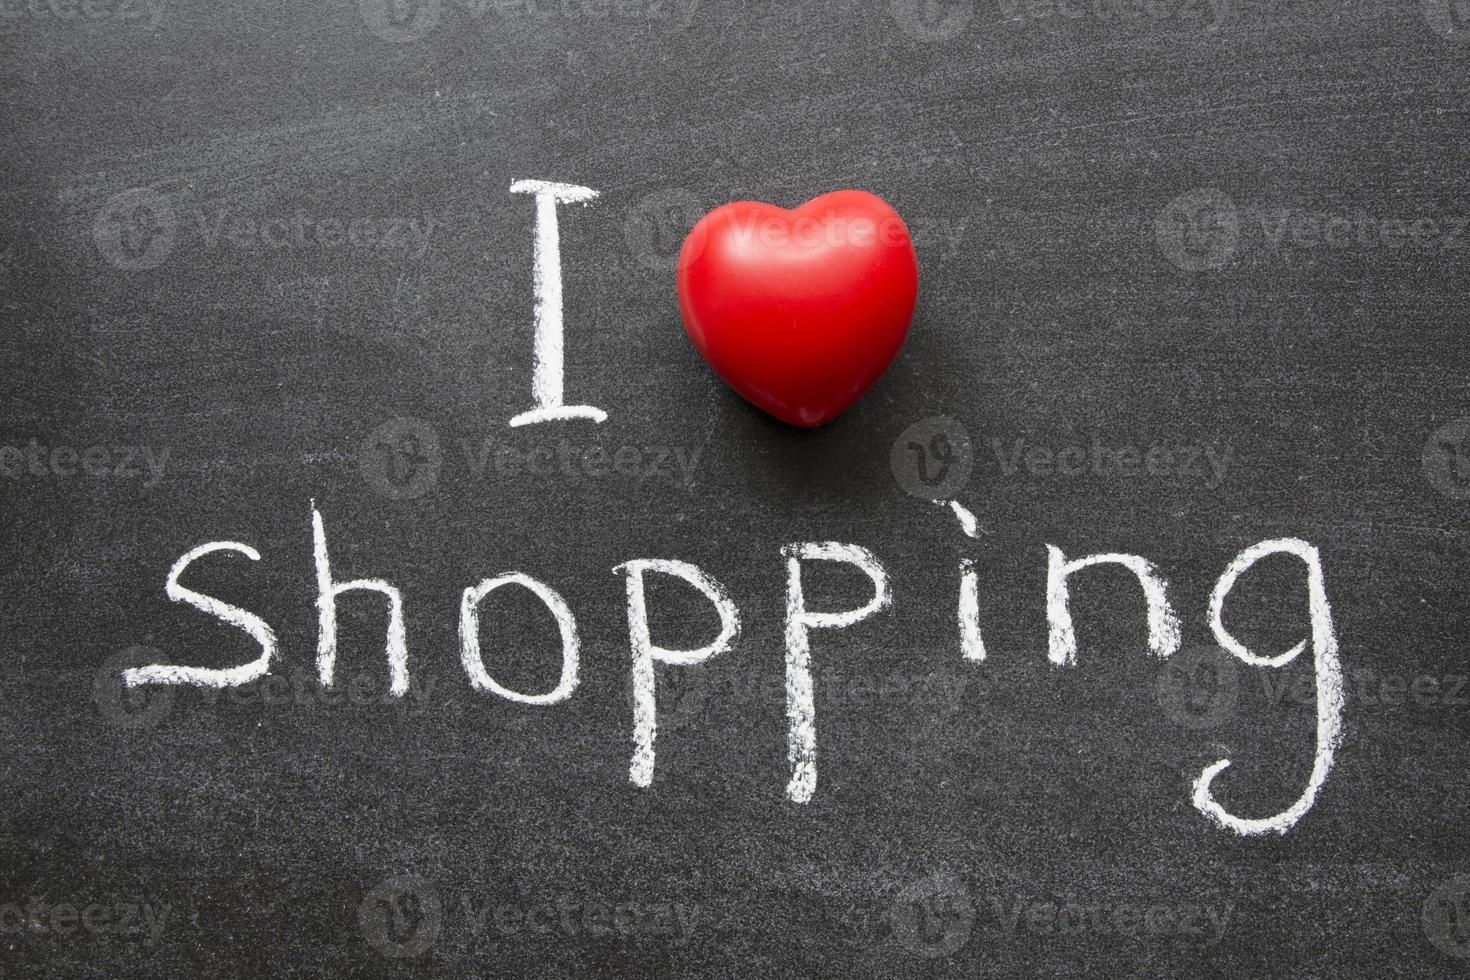 adore faire du shopping photo